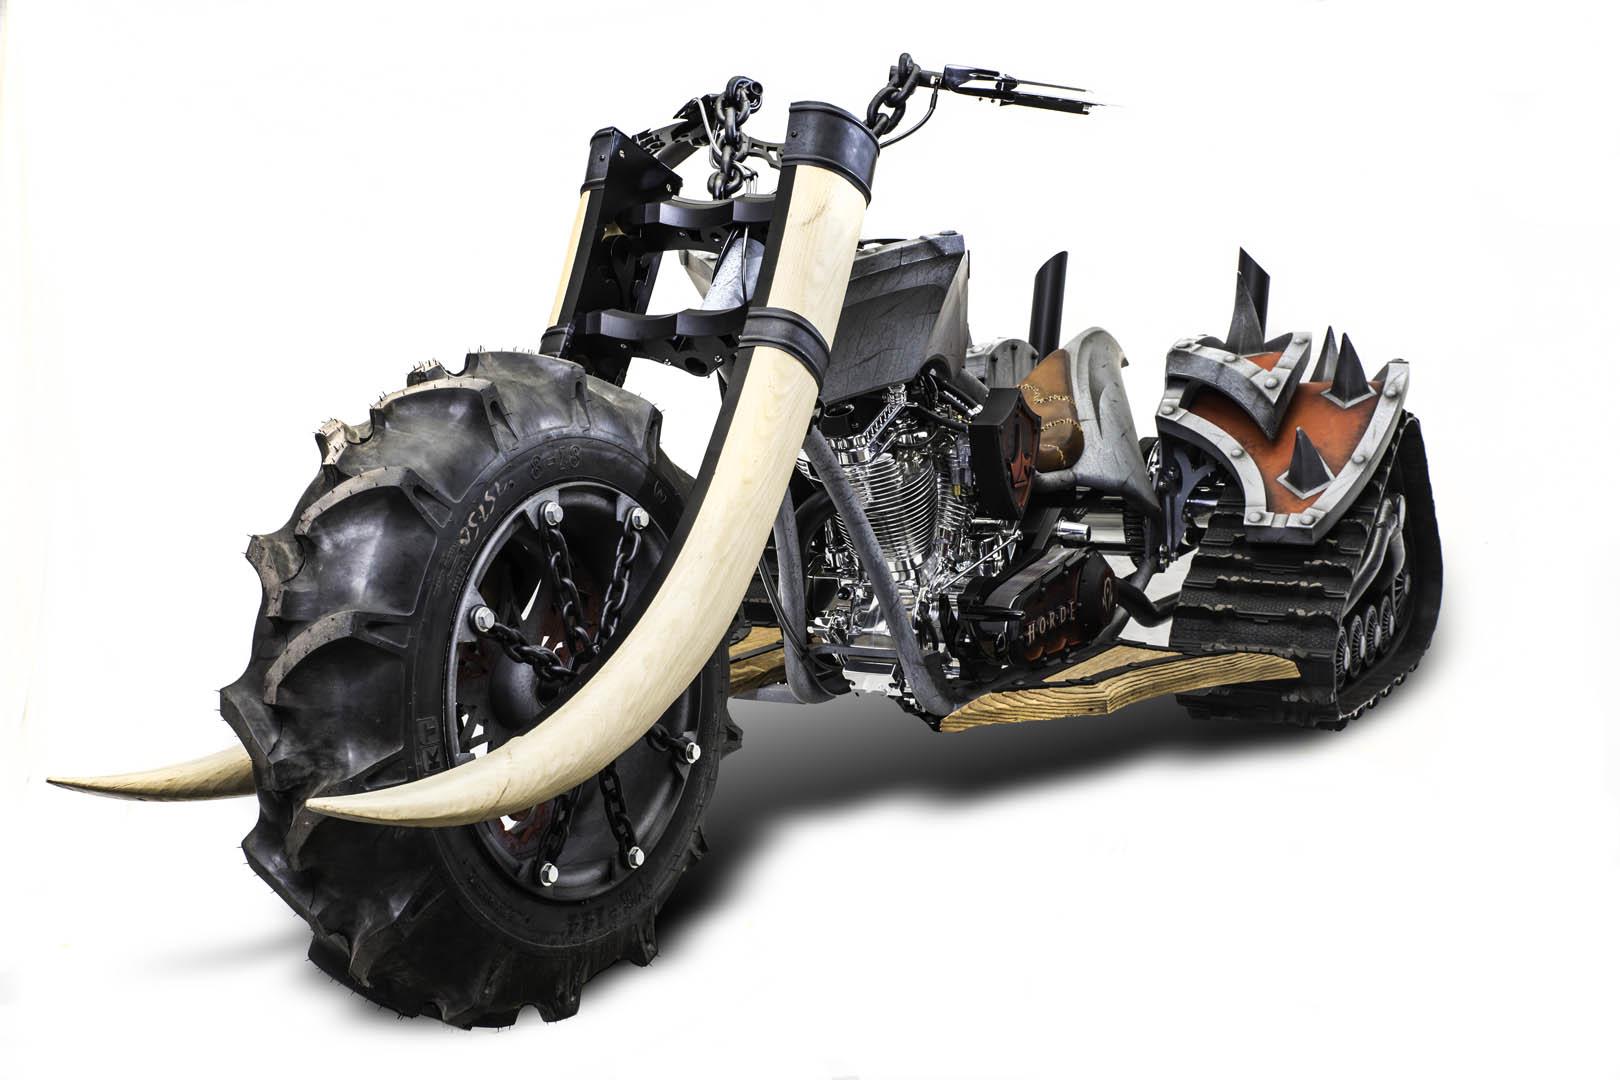 paul-jr-designs-wow-horde-bike-024